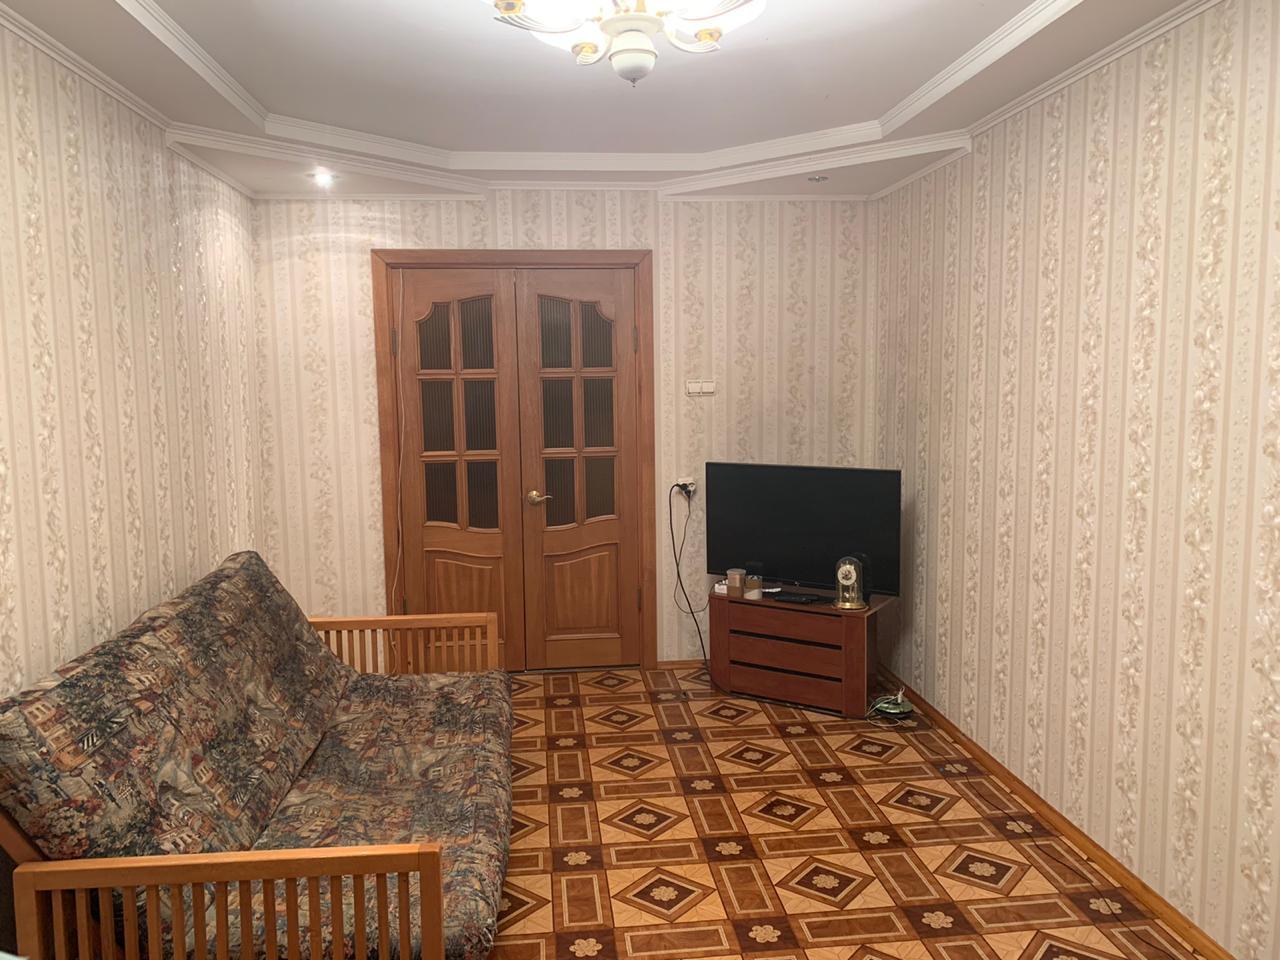 Продажа 3-к квартиры академика лаврентьева, 20